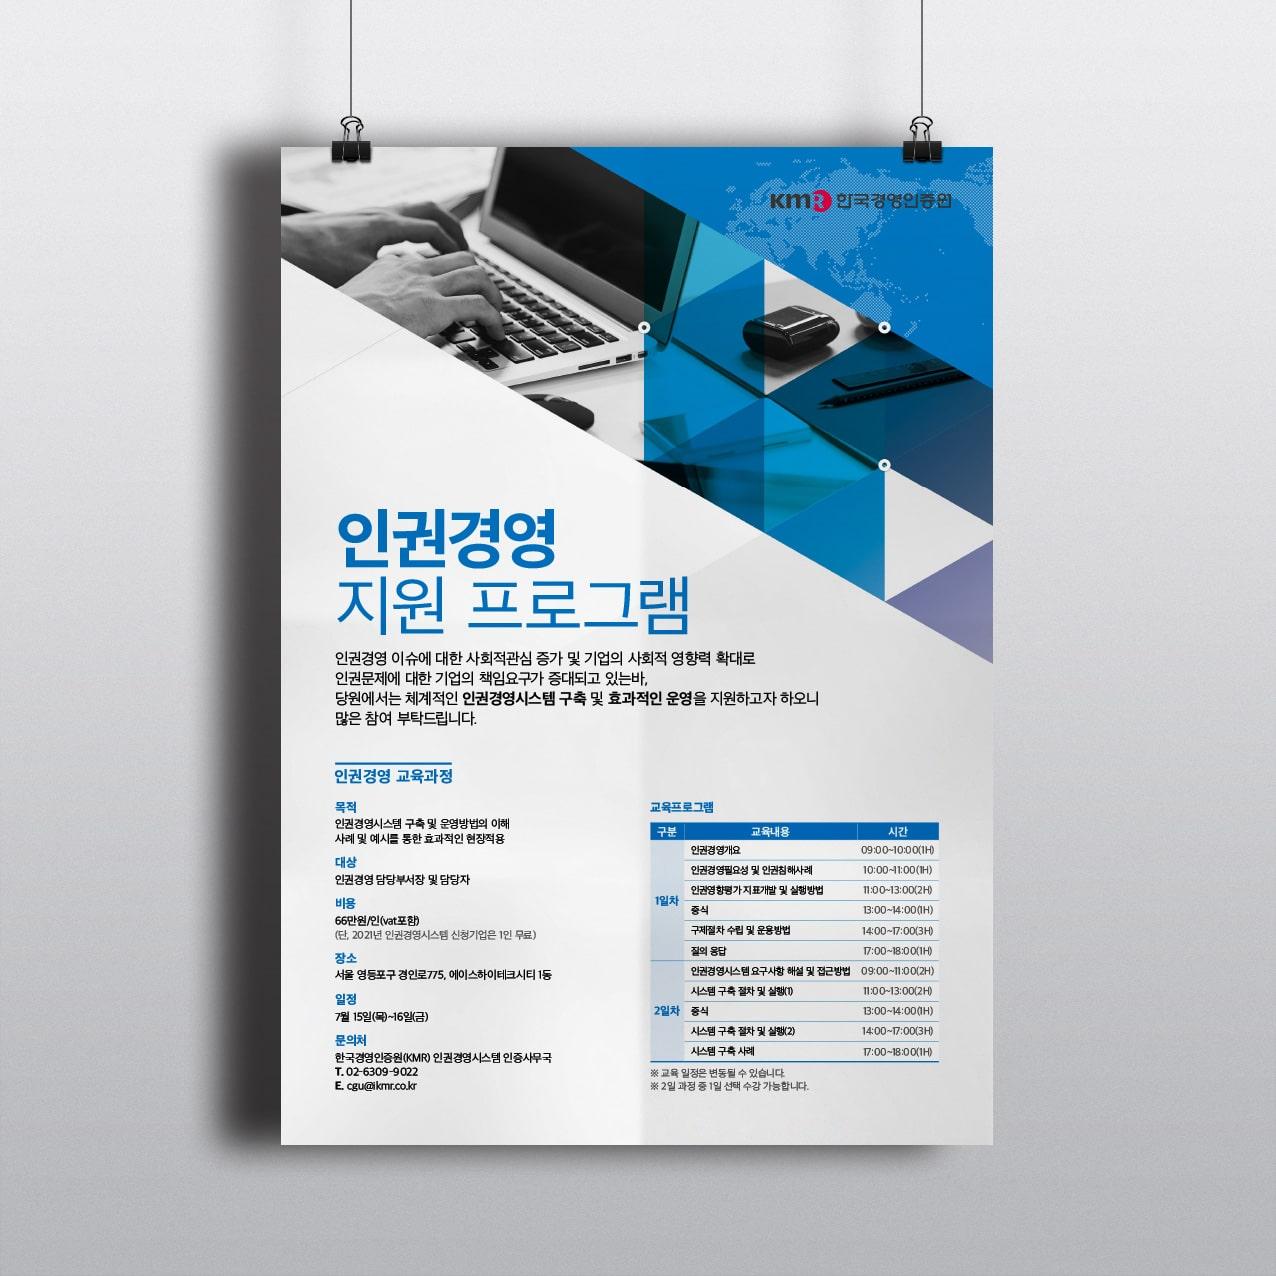 인권경영 지원 프로그램 - 한국경영인증원